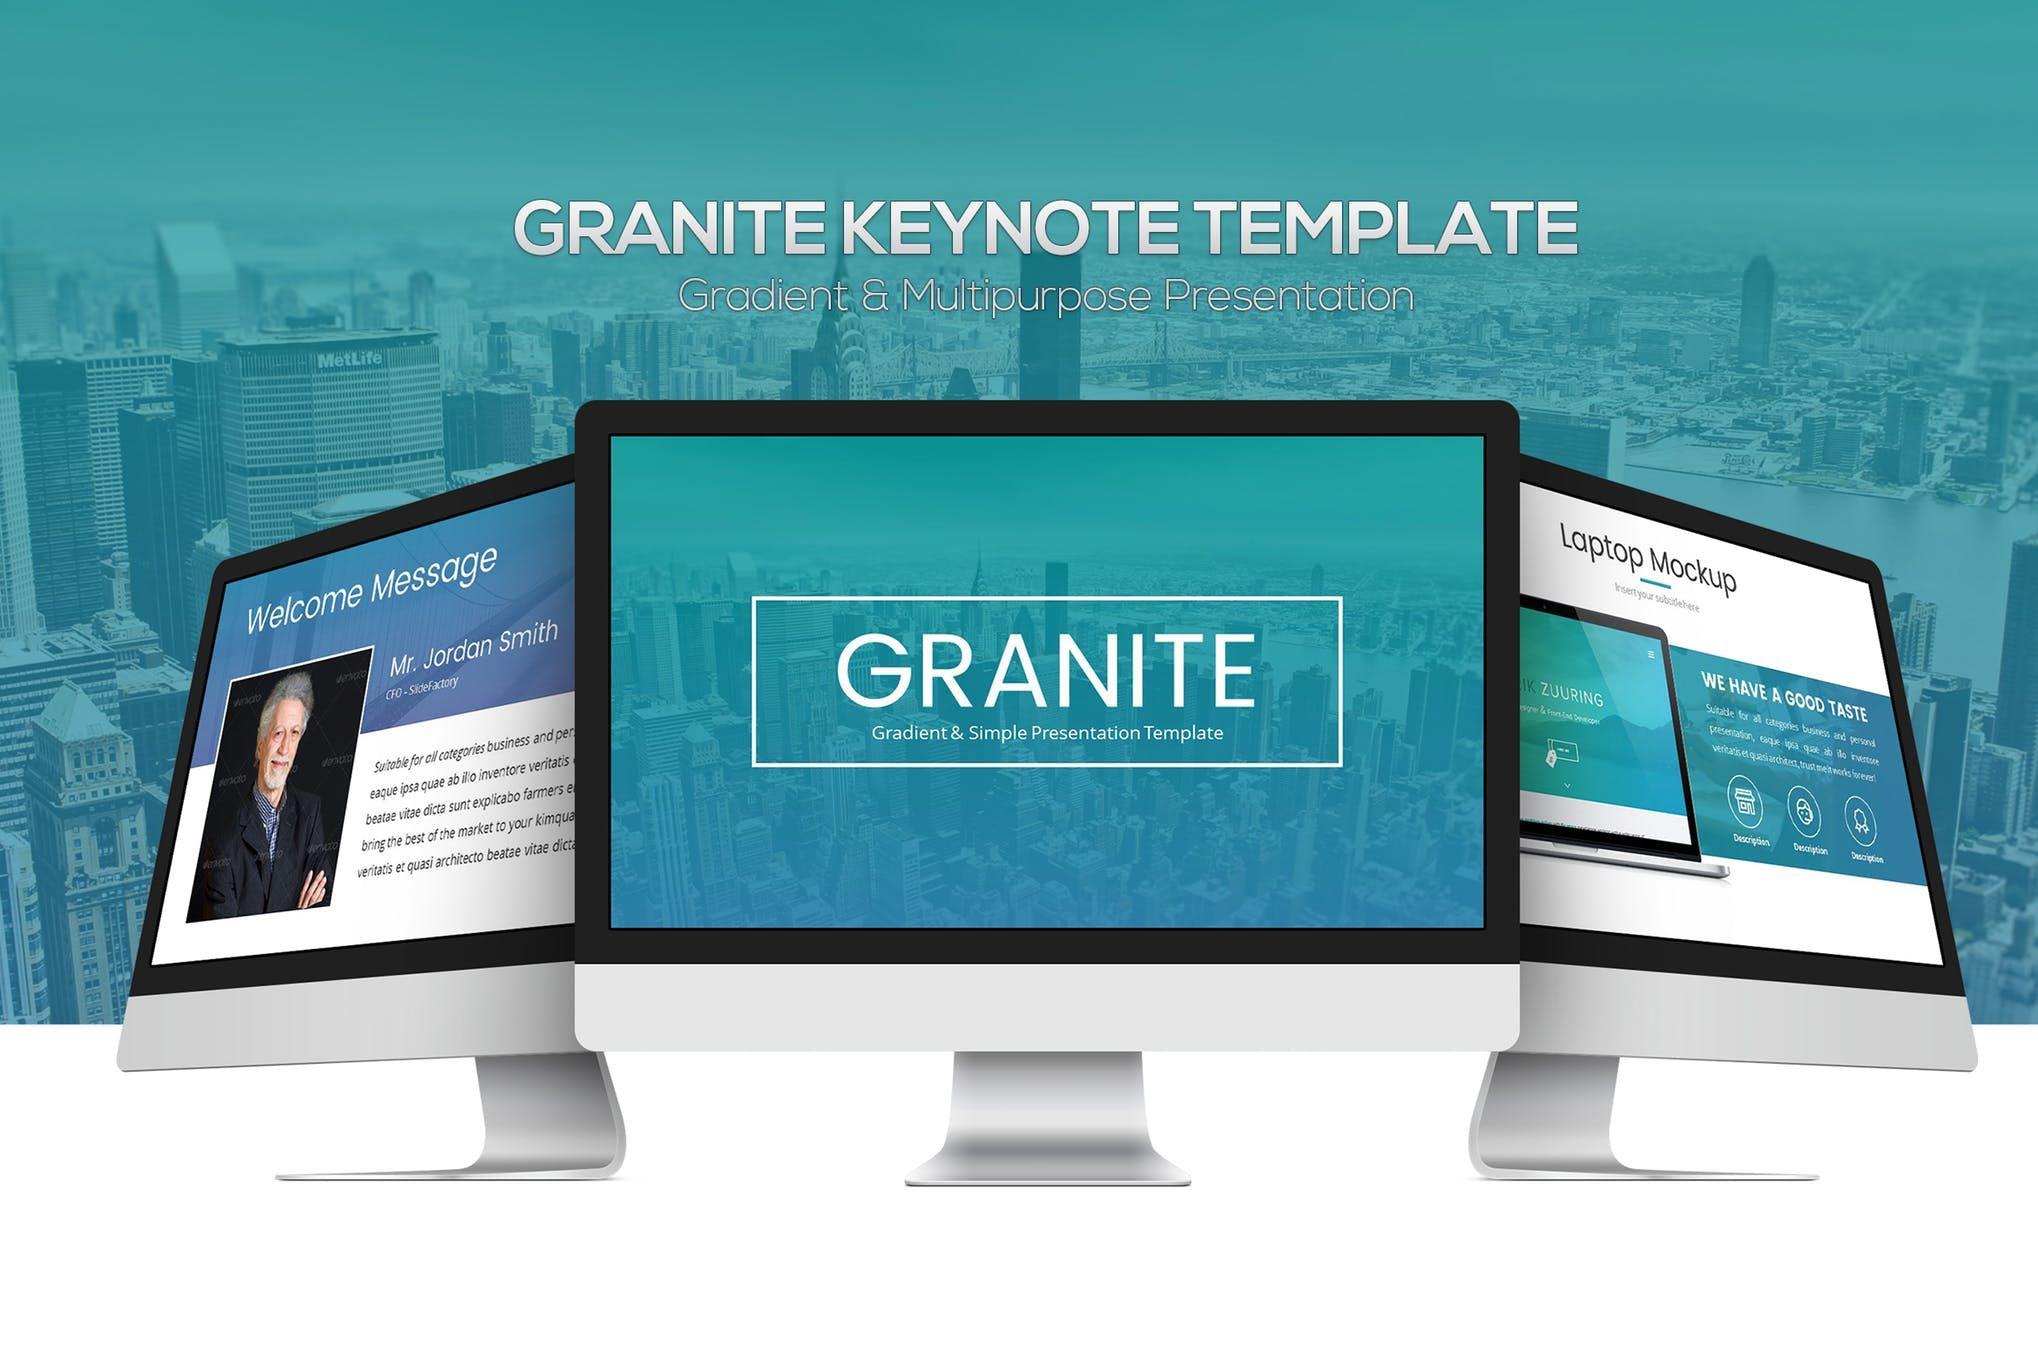 Granite keynote template apple keynote presentation template granite keynote template apple keynote presentation template theme toneelgroepblik Gallery